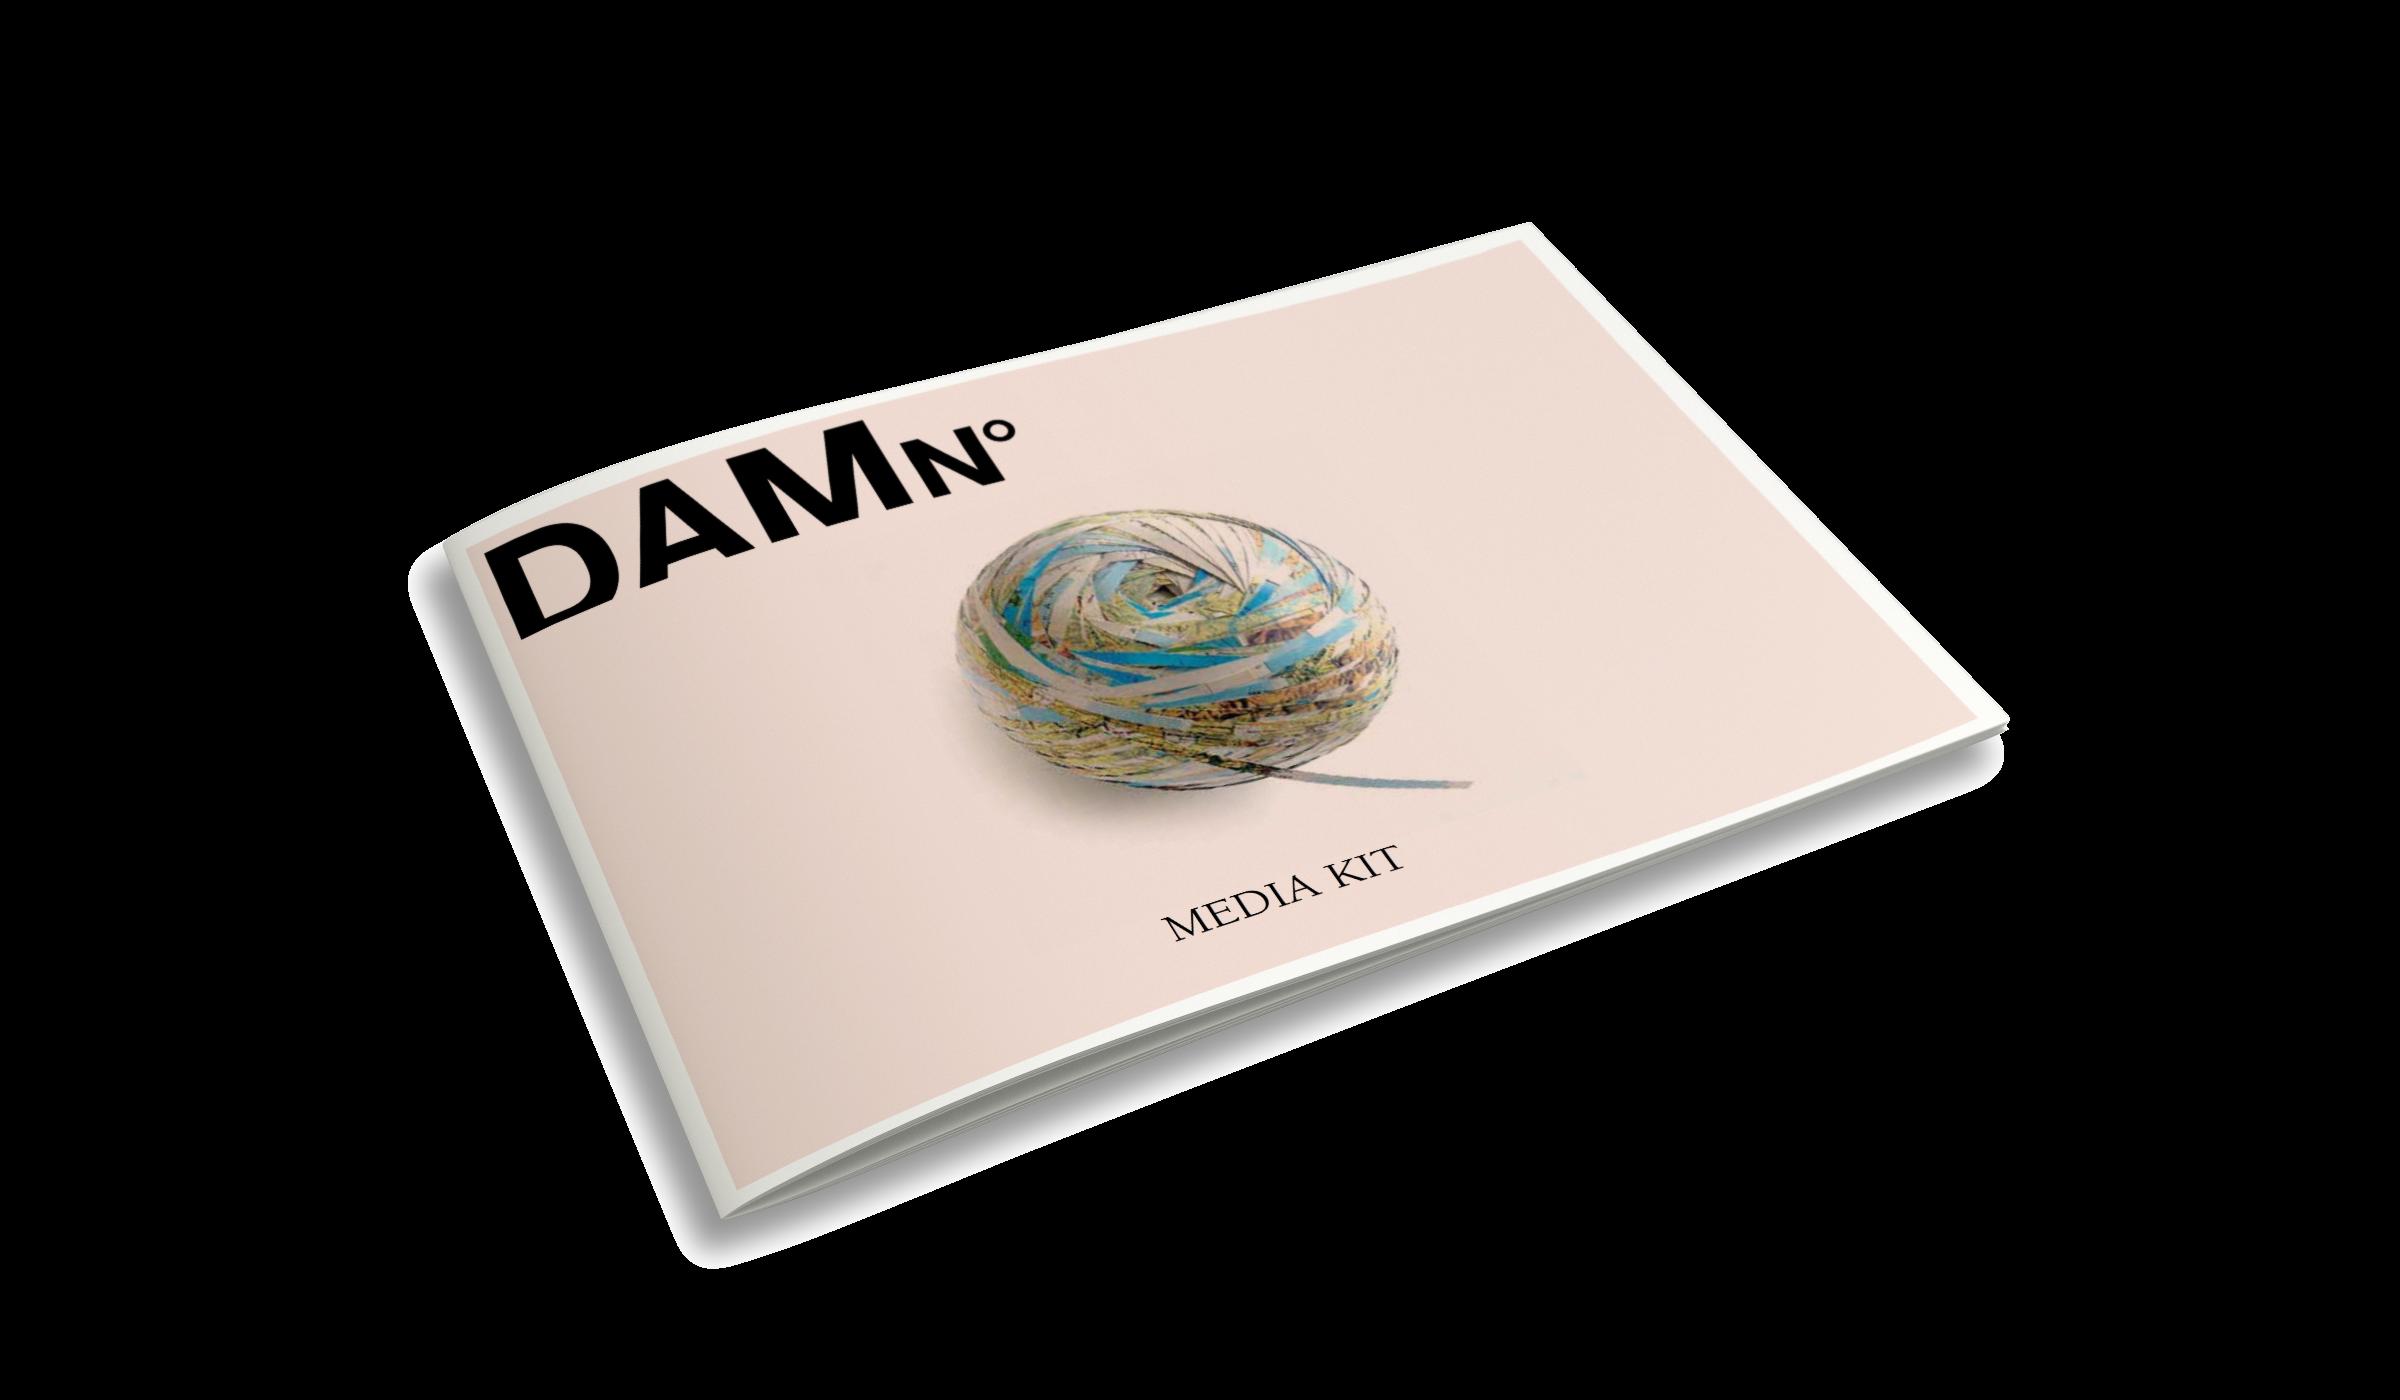 DAMN°